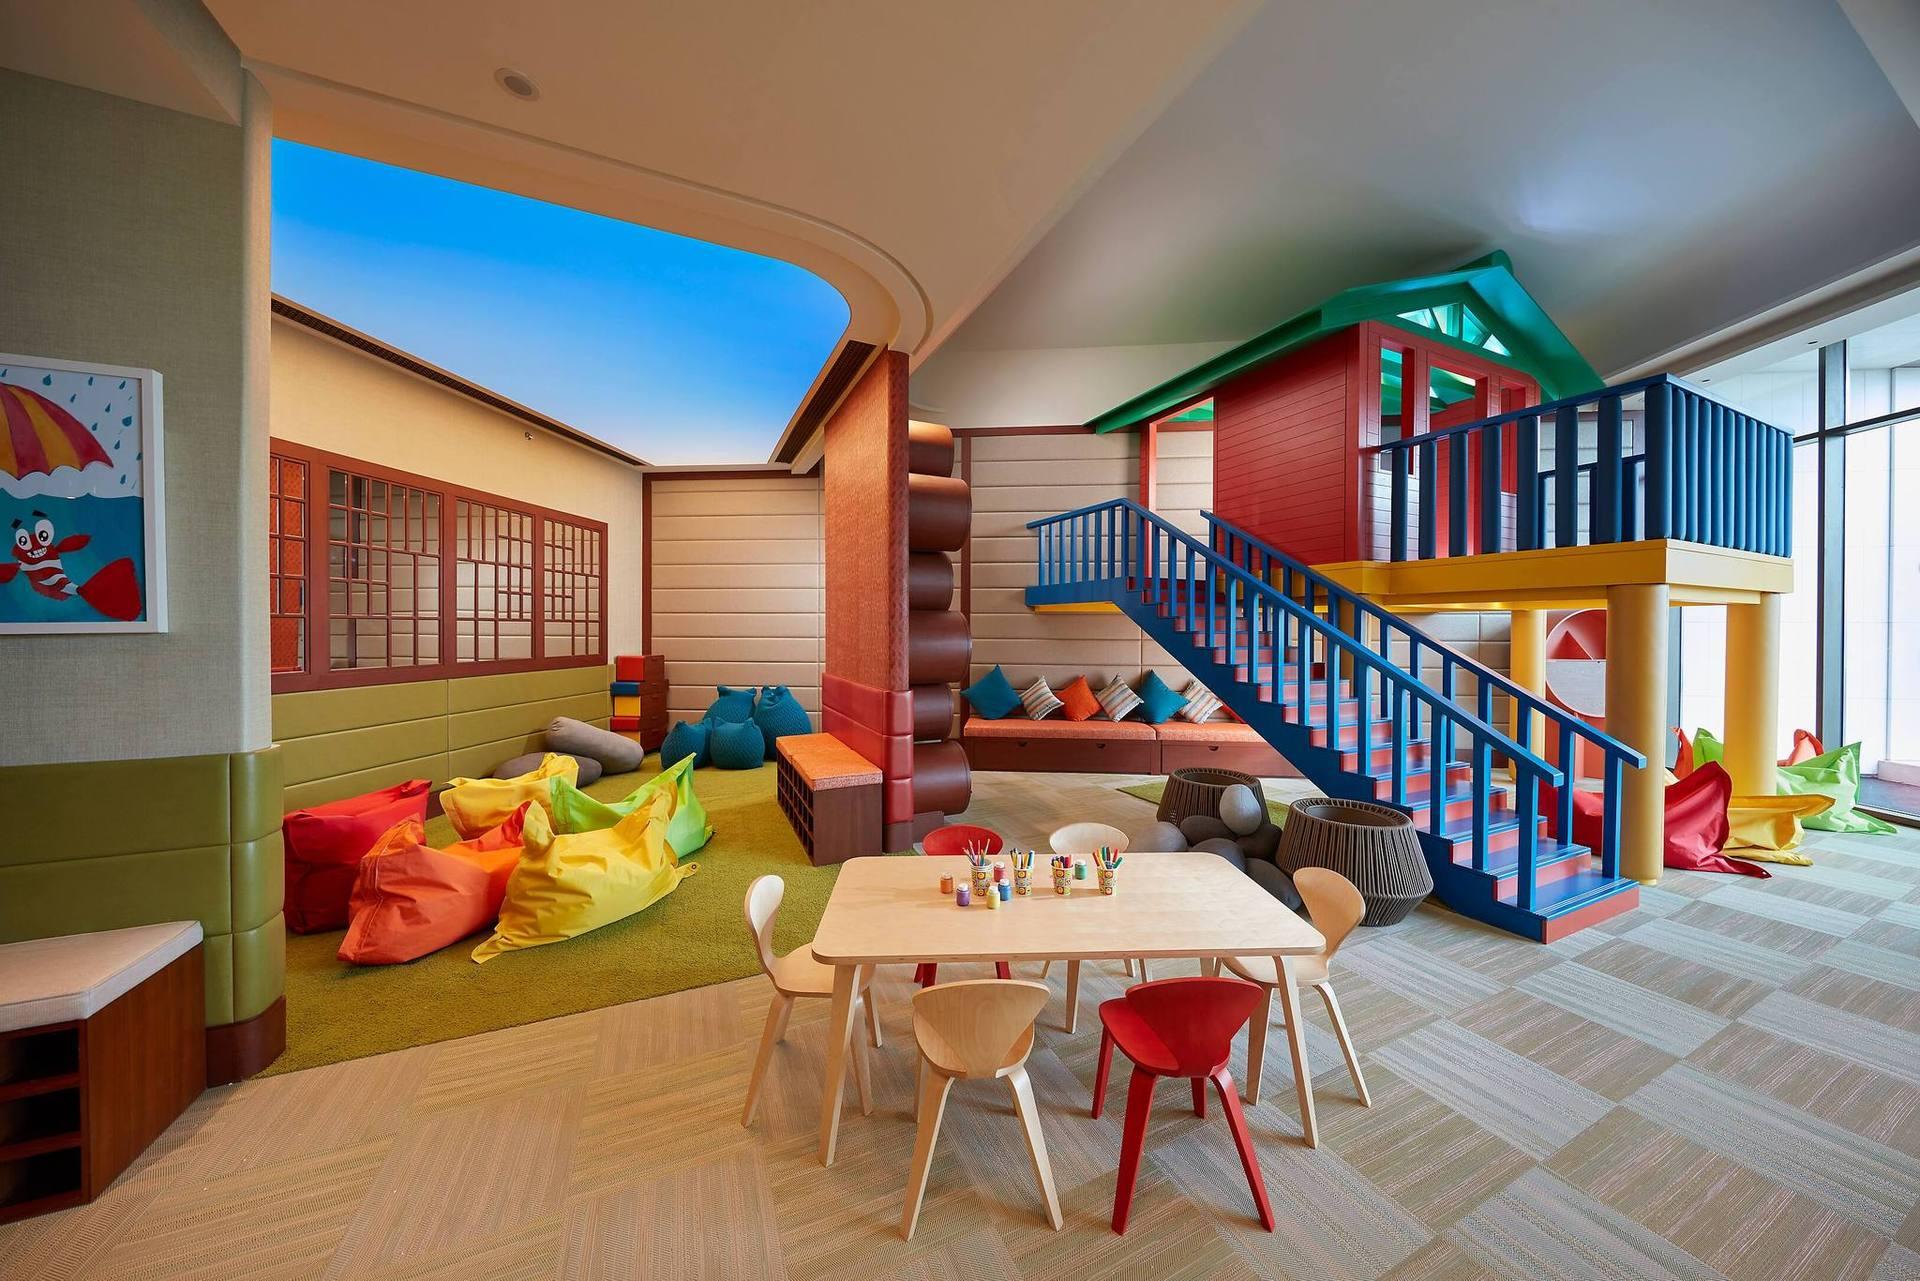 Не беспокойтесь о своем свободном времени, если планируете отдых с детьми. В отеле работает бесплатный детский клуб с программой от Worldwide Kids, маленьким гостям здесь будет чем заняться!